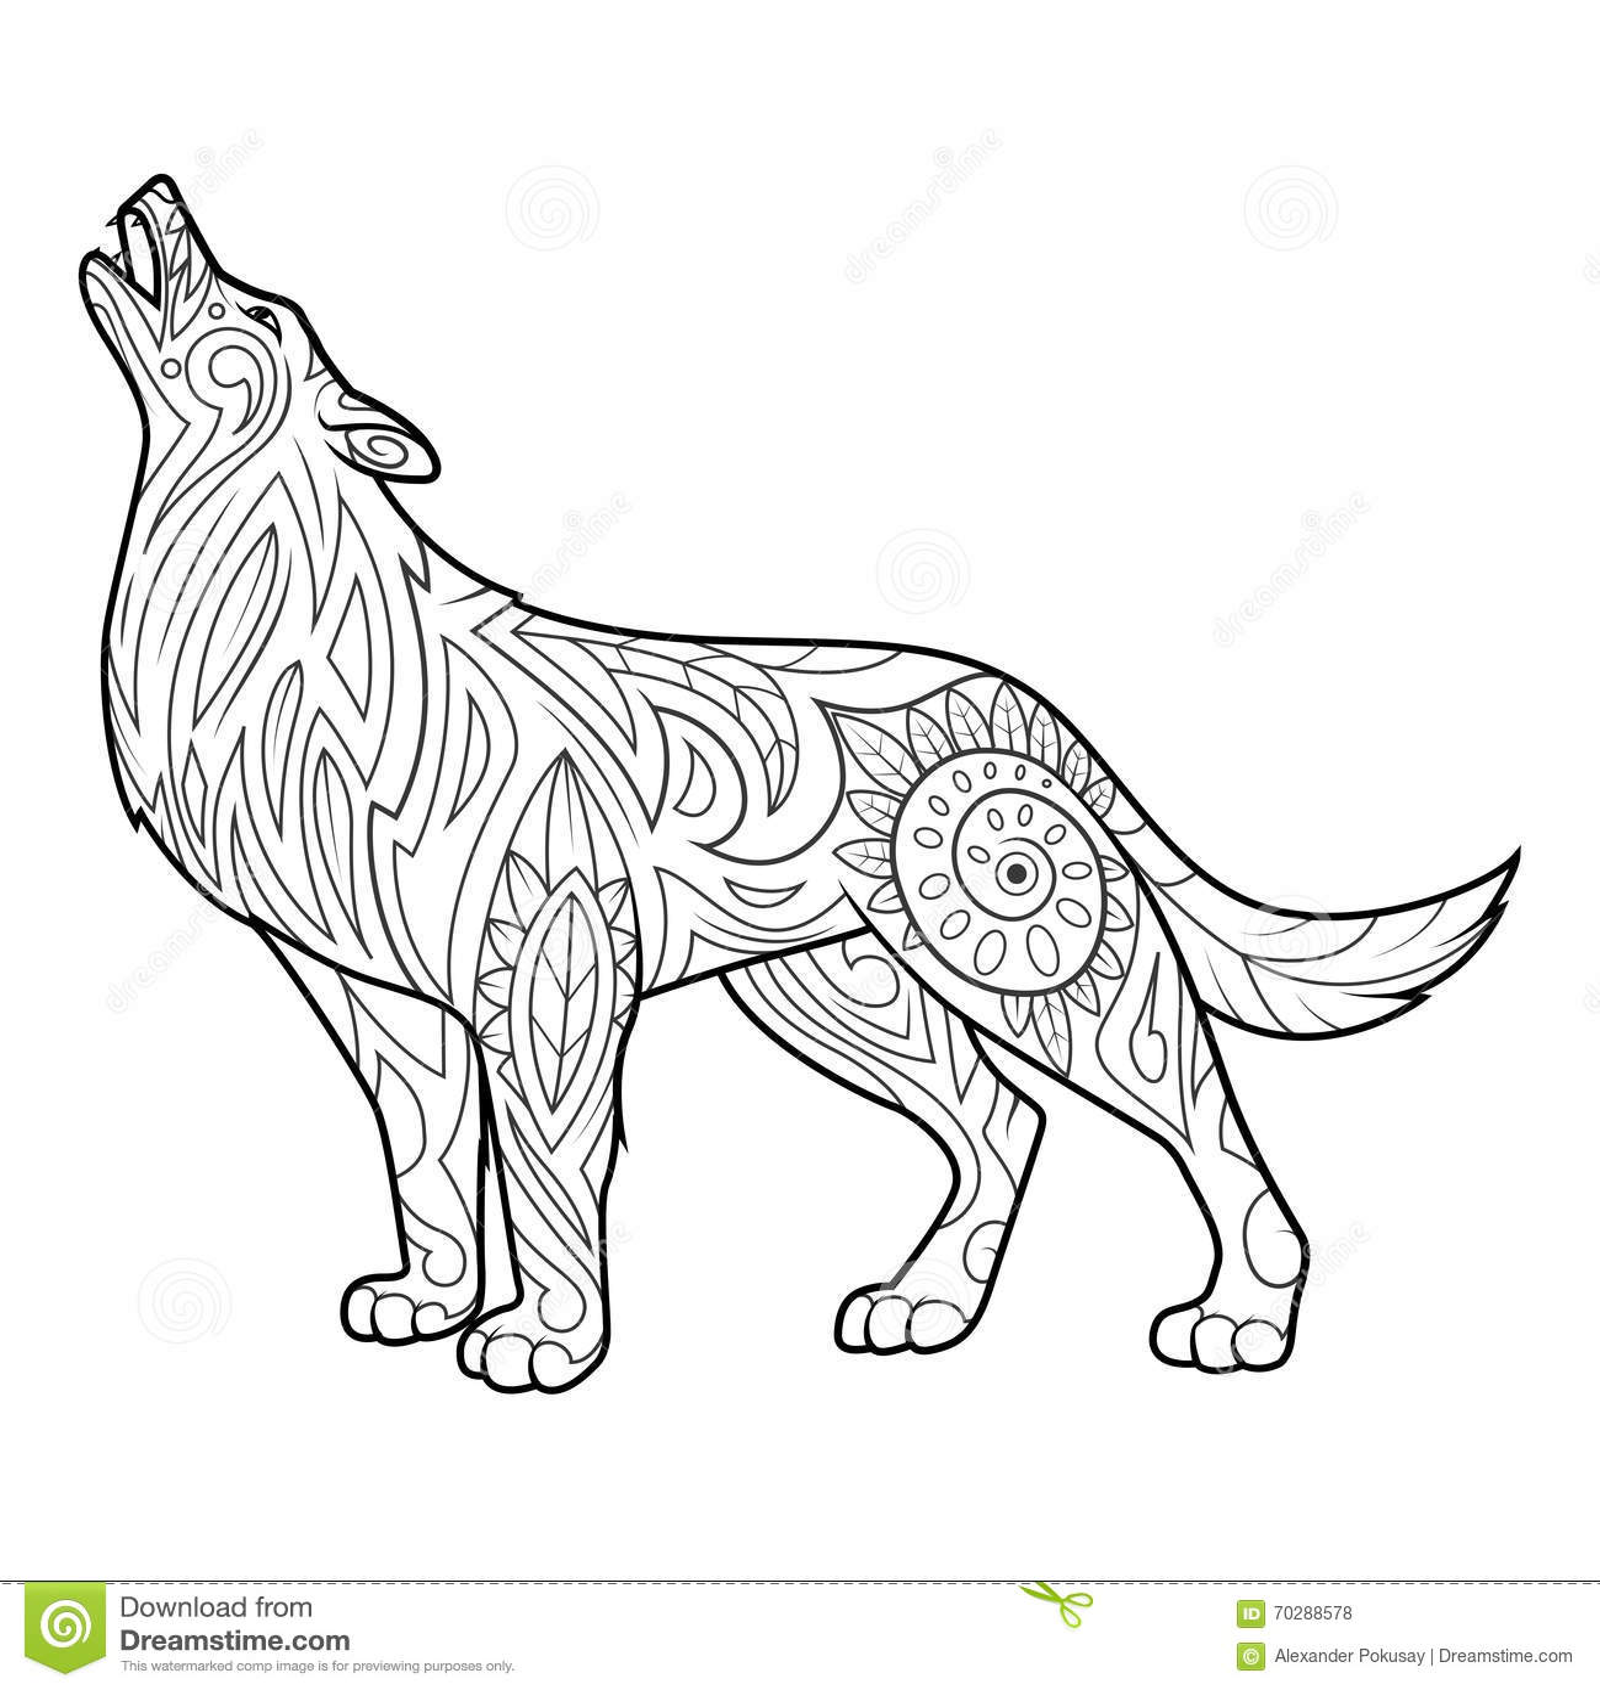 Coloriage Adulte Loup.Livre De Coloriage De Loup Pour Le Vecteur D Adultes Illustration De